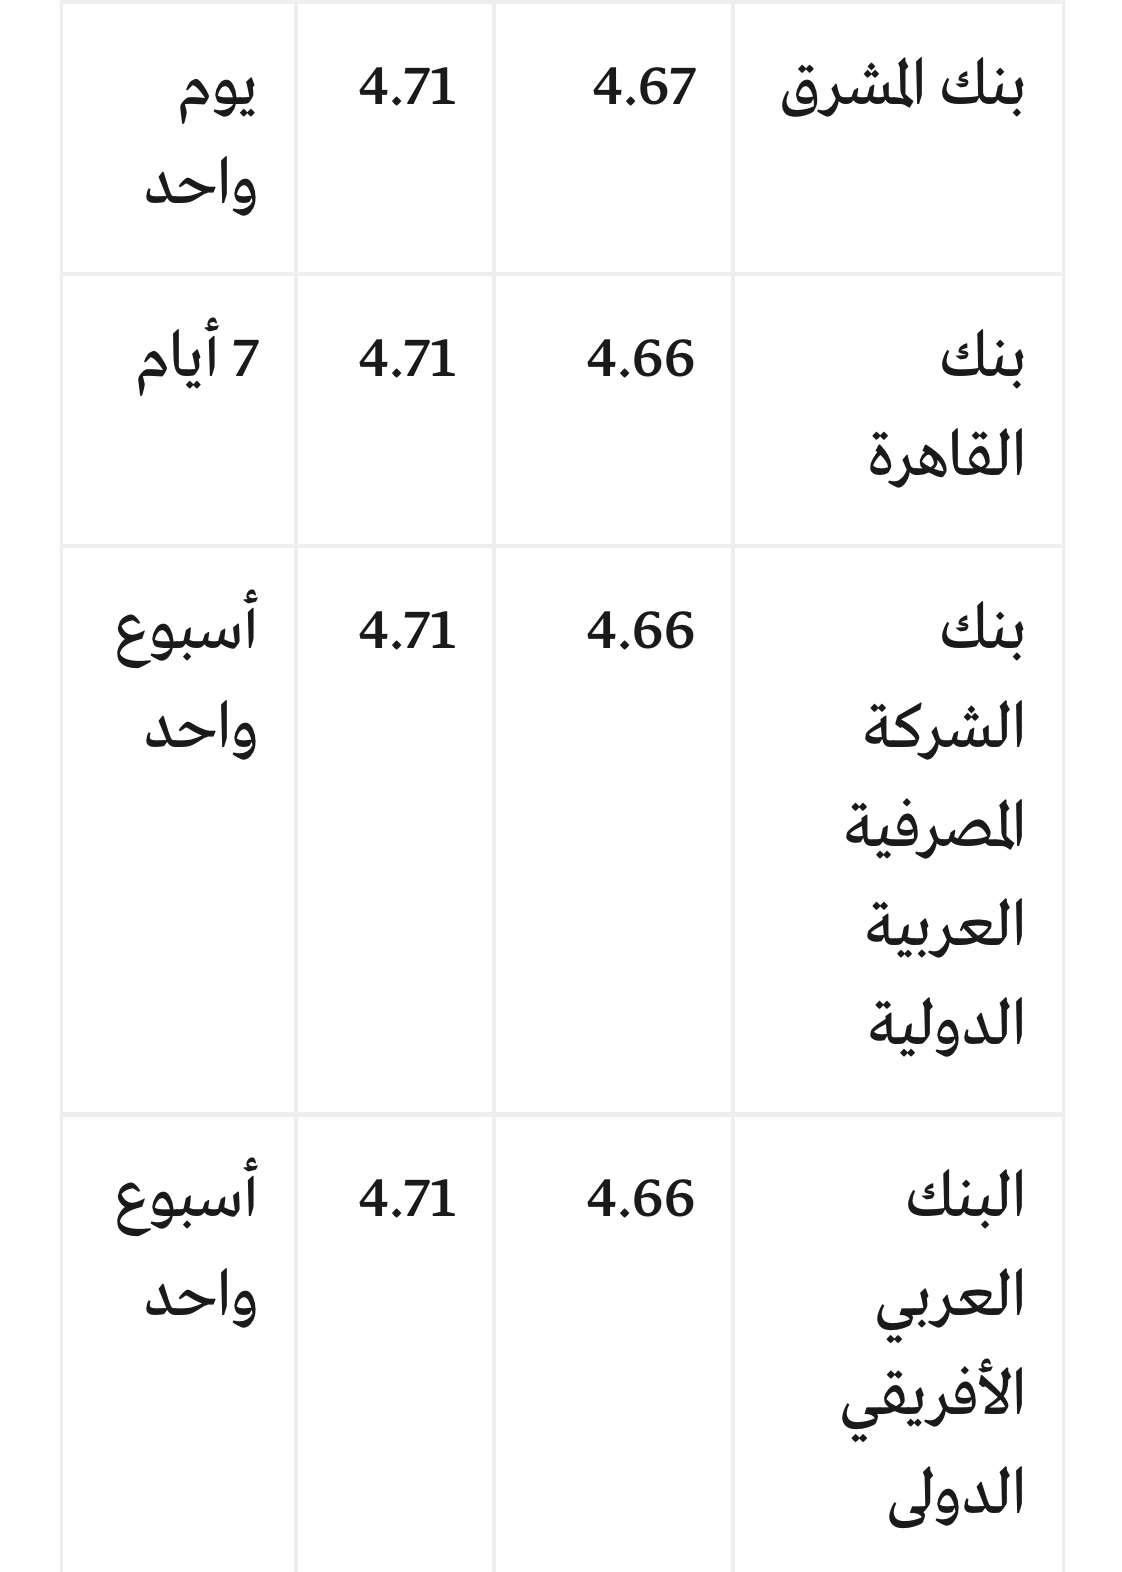 سعر الريال السعودي اليوم جميع البنوك الثلاثاء 13/3/2018 في مصر والسوق السوداء مقابل الجنيه محدث